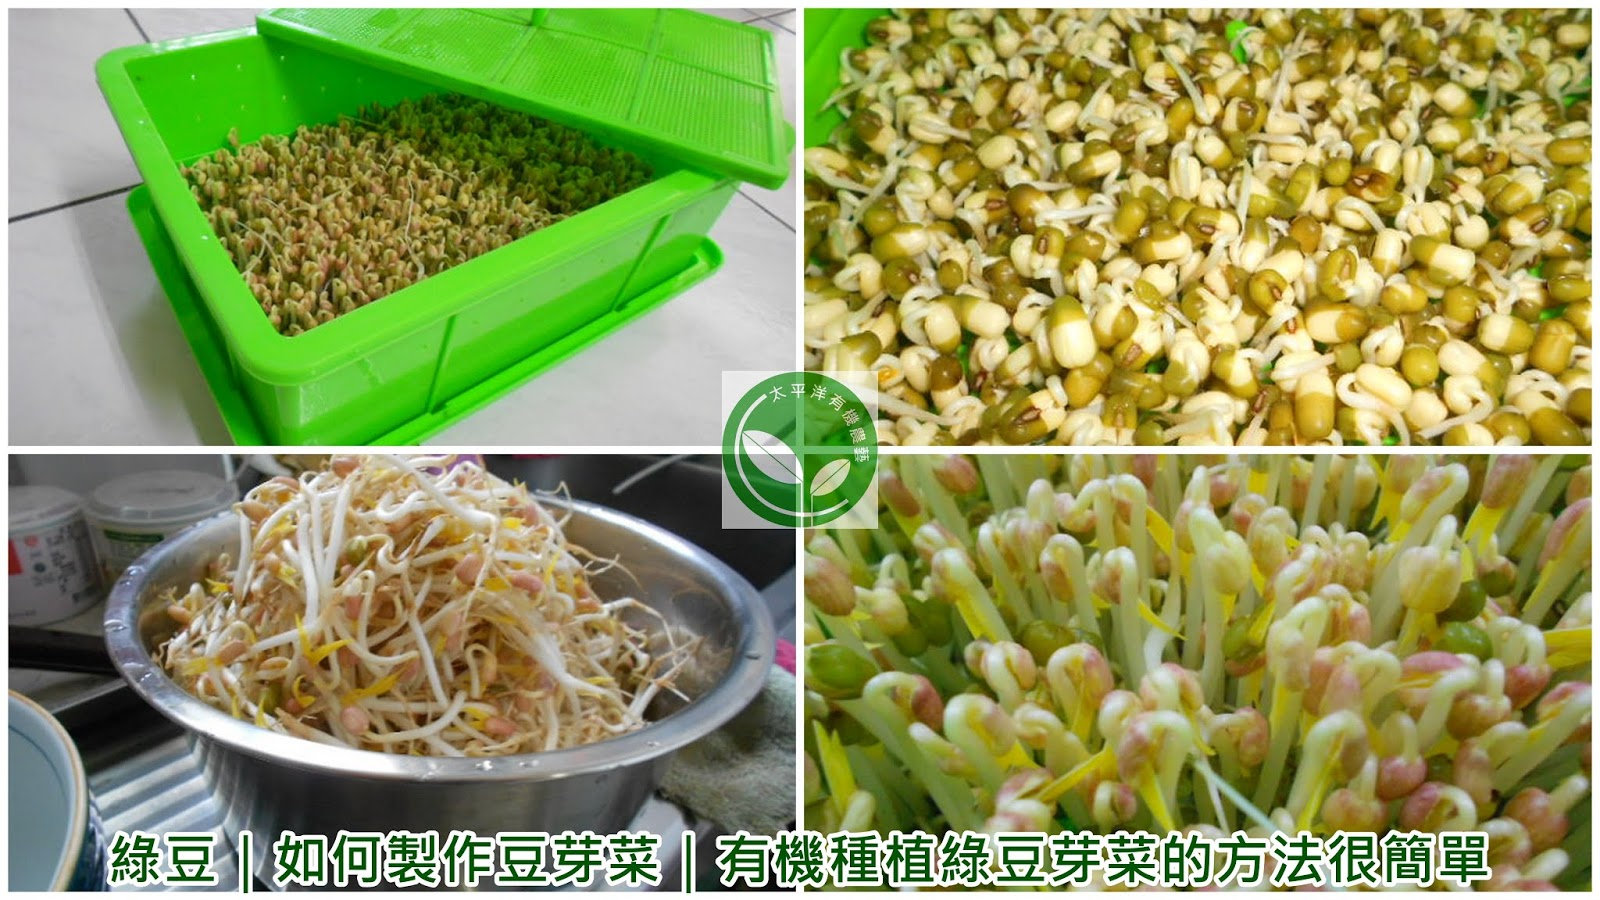 有機綠豆芽菜種子|有機綠豆芽苗菜:太平洋有機農藝-有機水耕種植有機綠豆芽菜苗